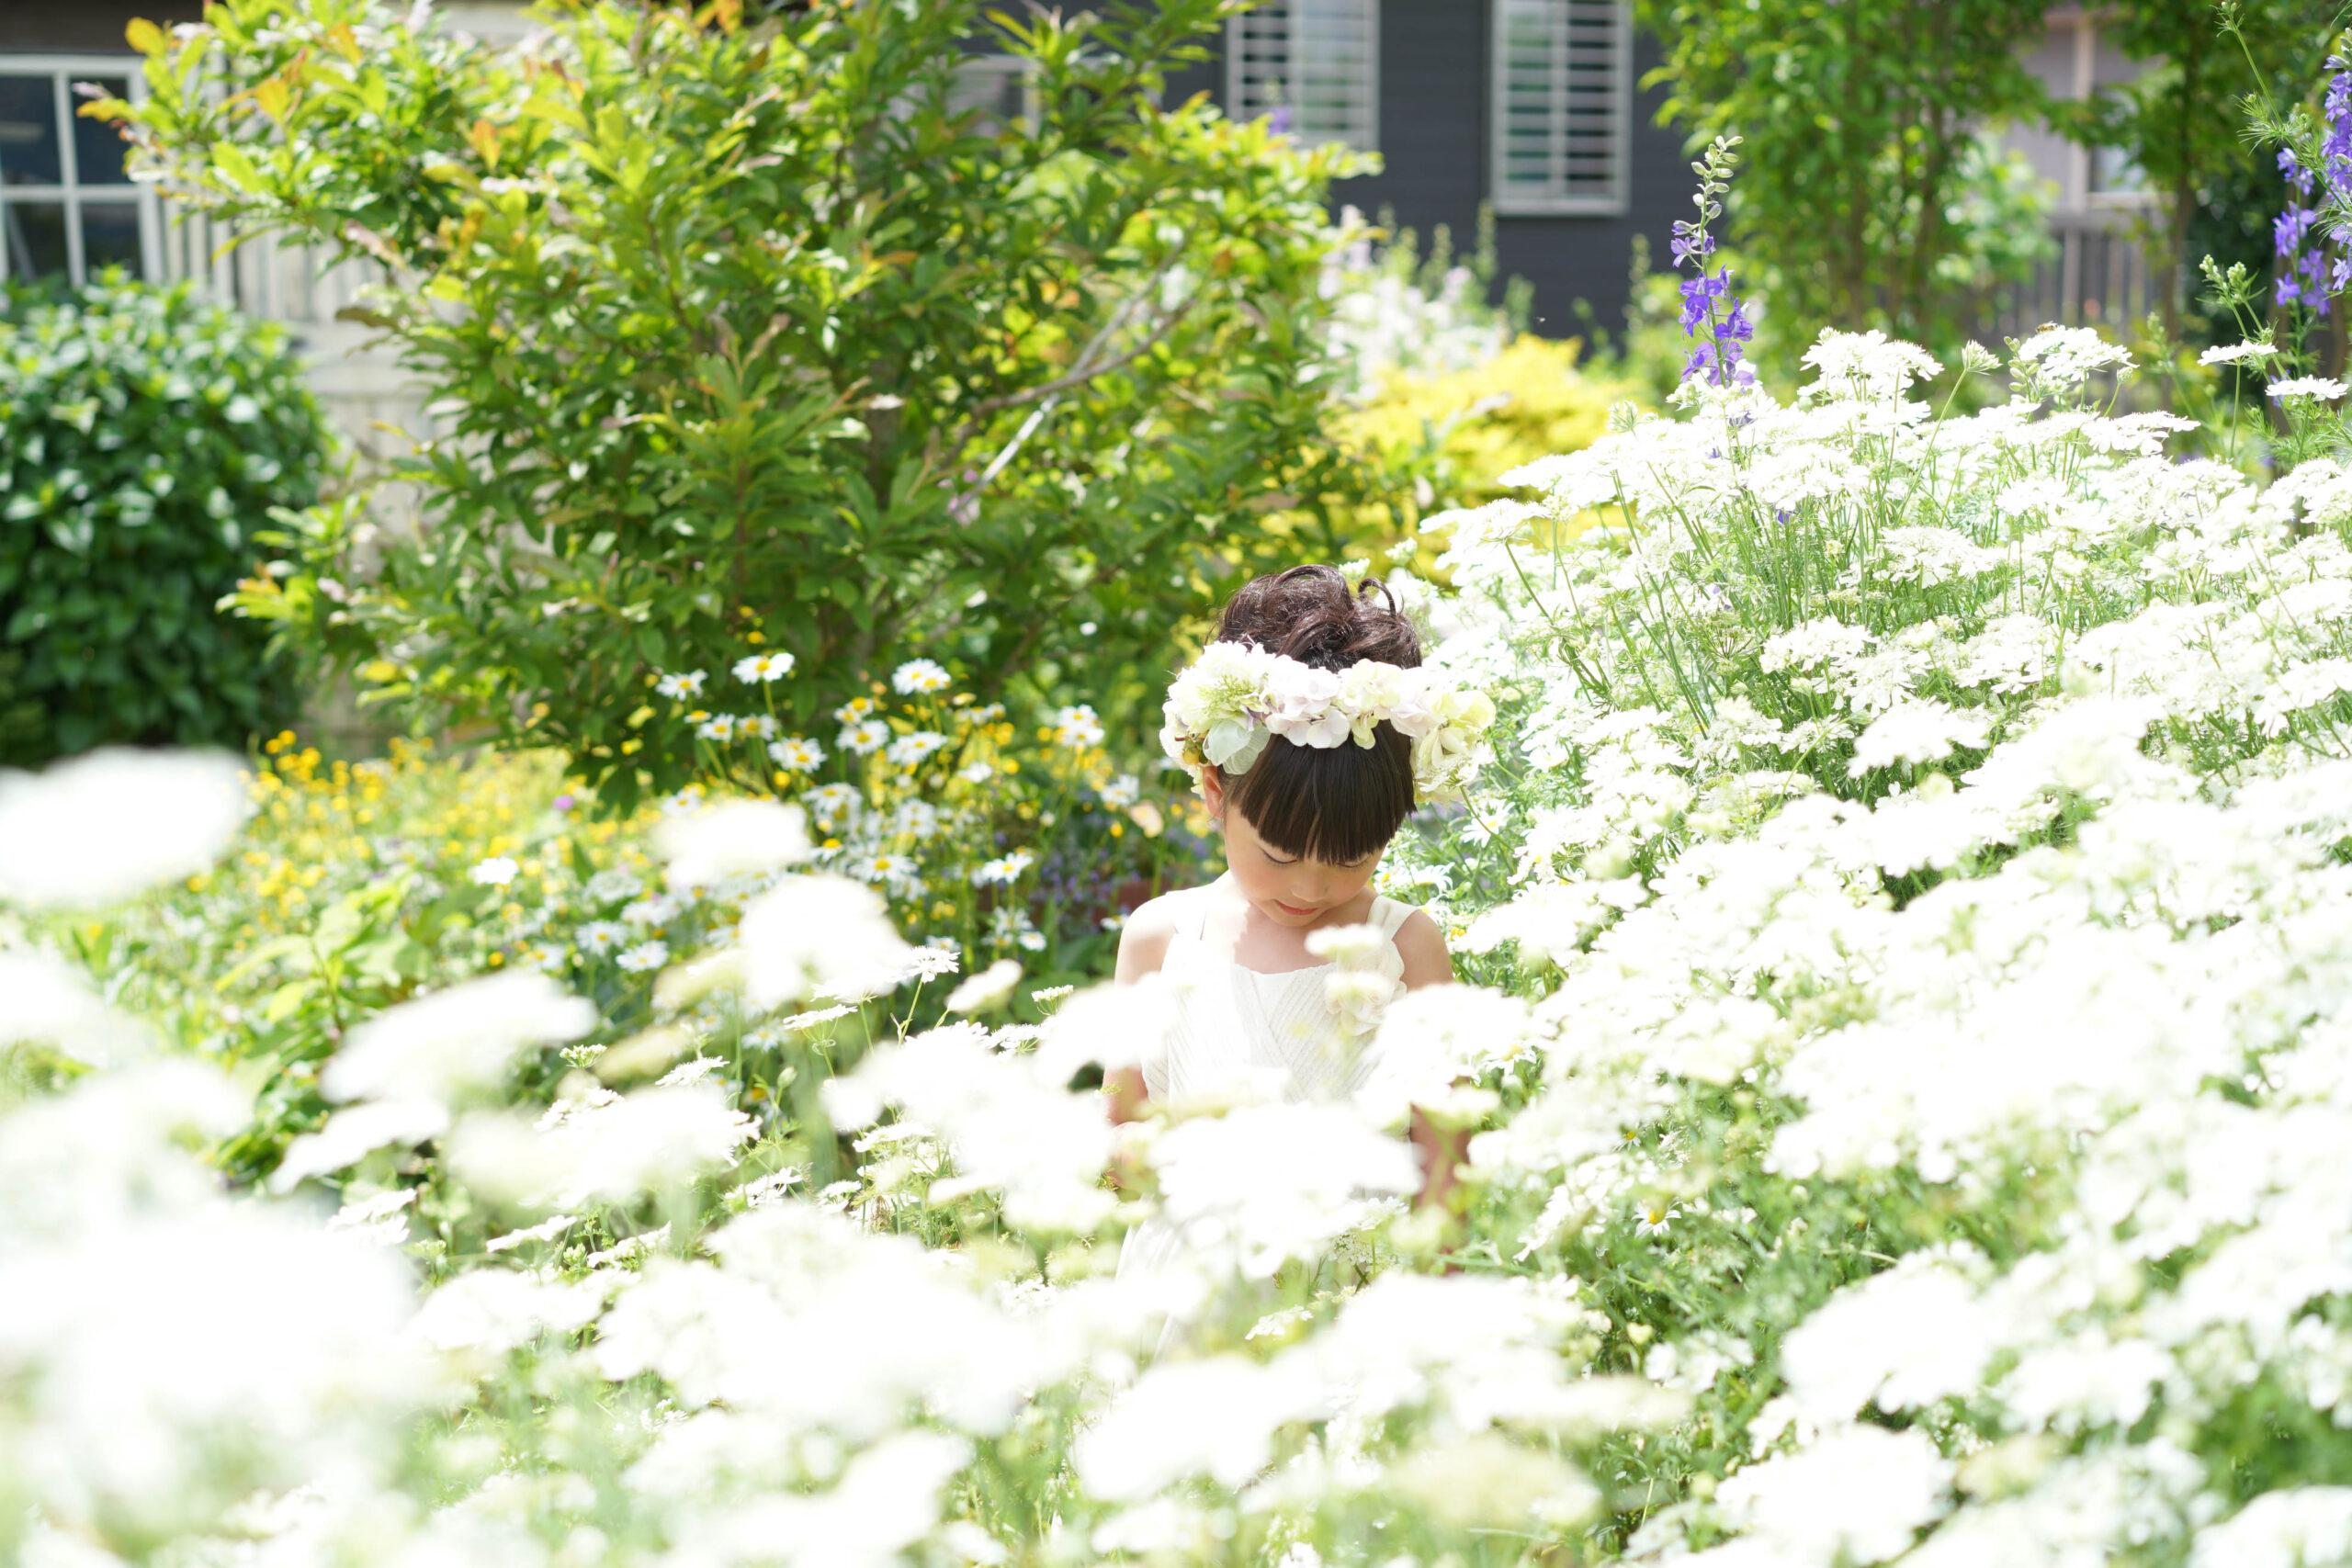 秘密の花園のような広いお庭でのびのびと